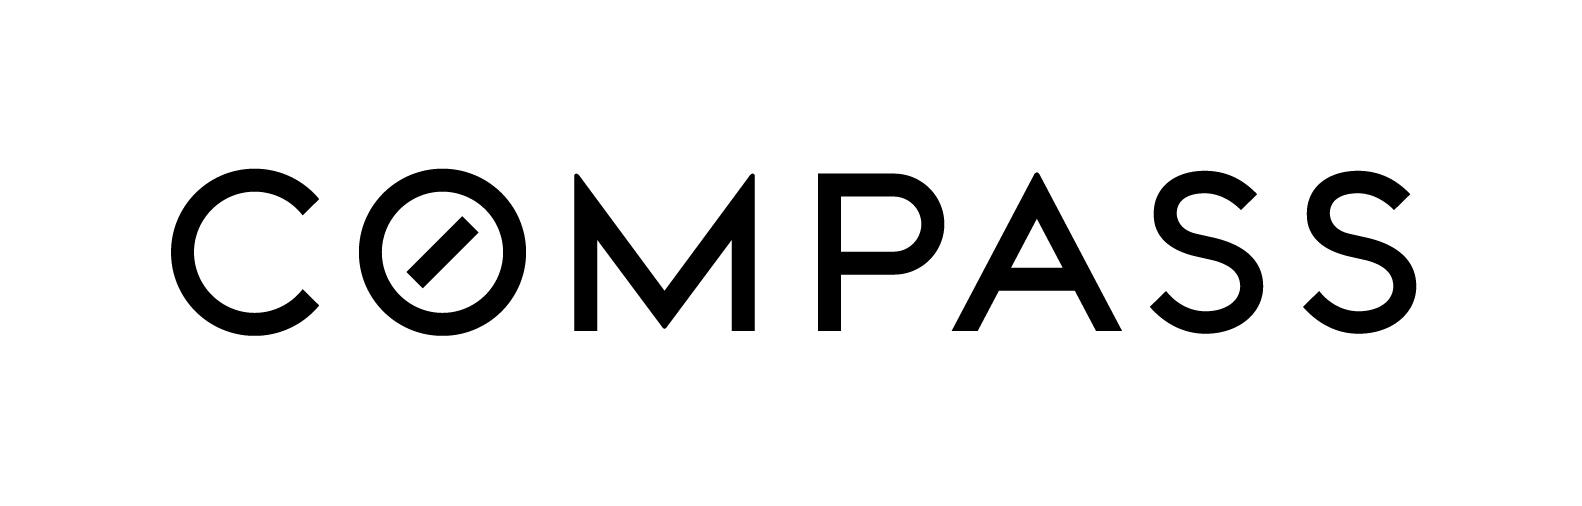 compass_logo_black on white.jpg